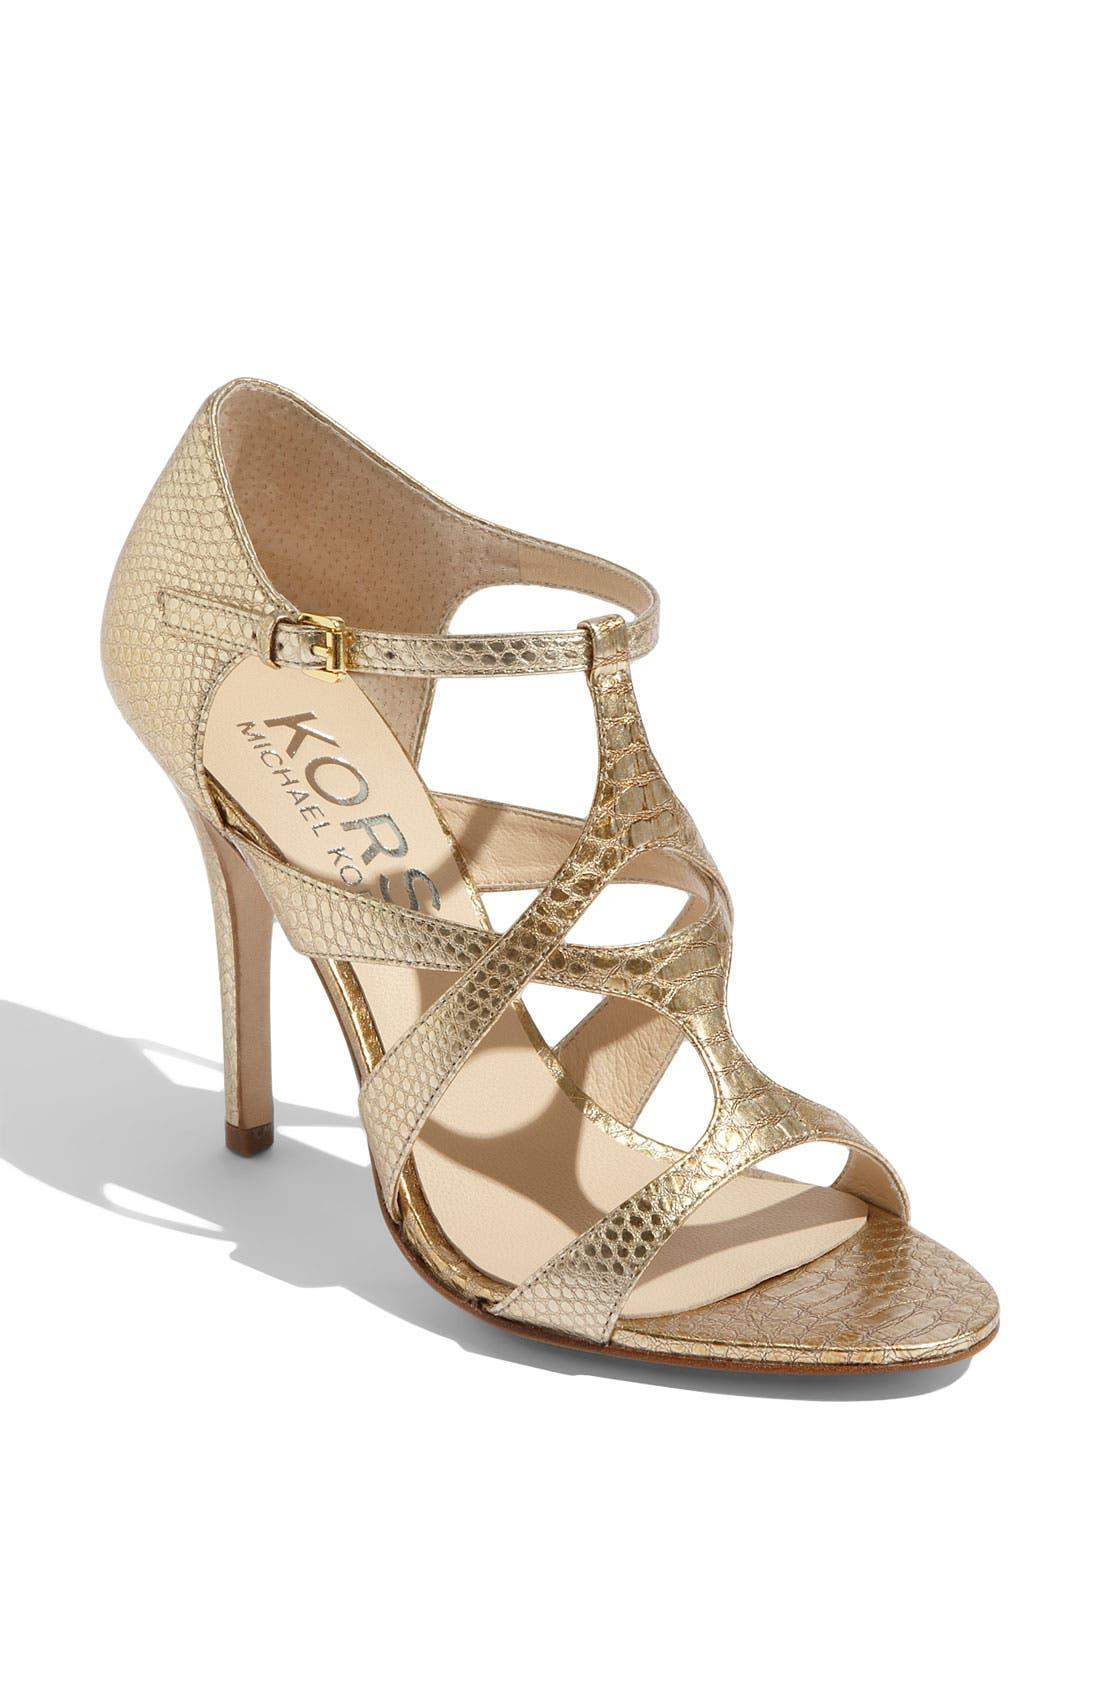 Main Image - KORS Michael Kors 'Sasha' Sandal